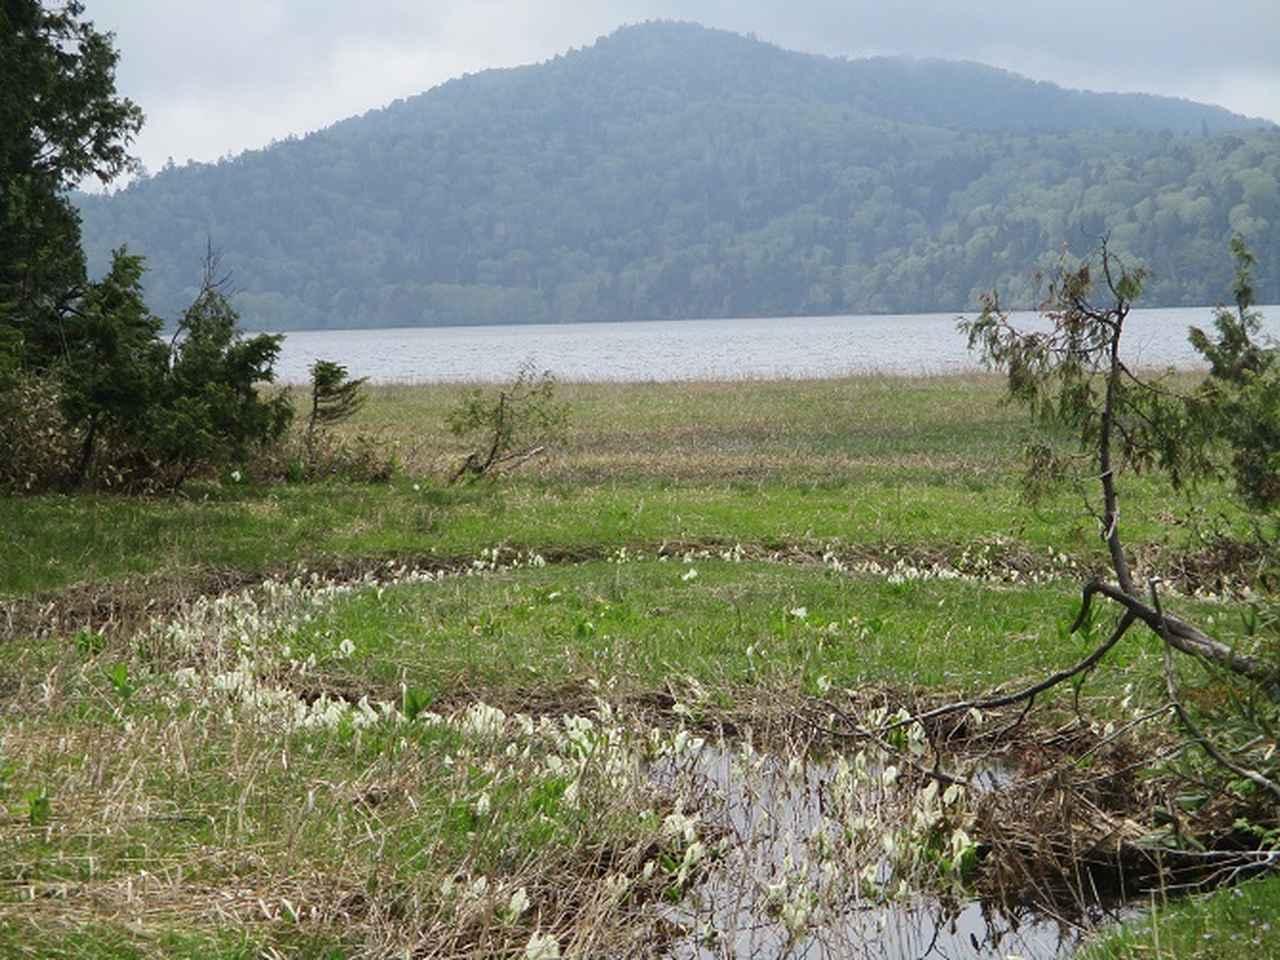 画像6: 6月20日から山旅会 「尾瀬ヶ原から尾瀬沼」 ツアーに行ってきました!